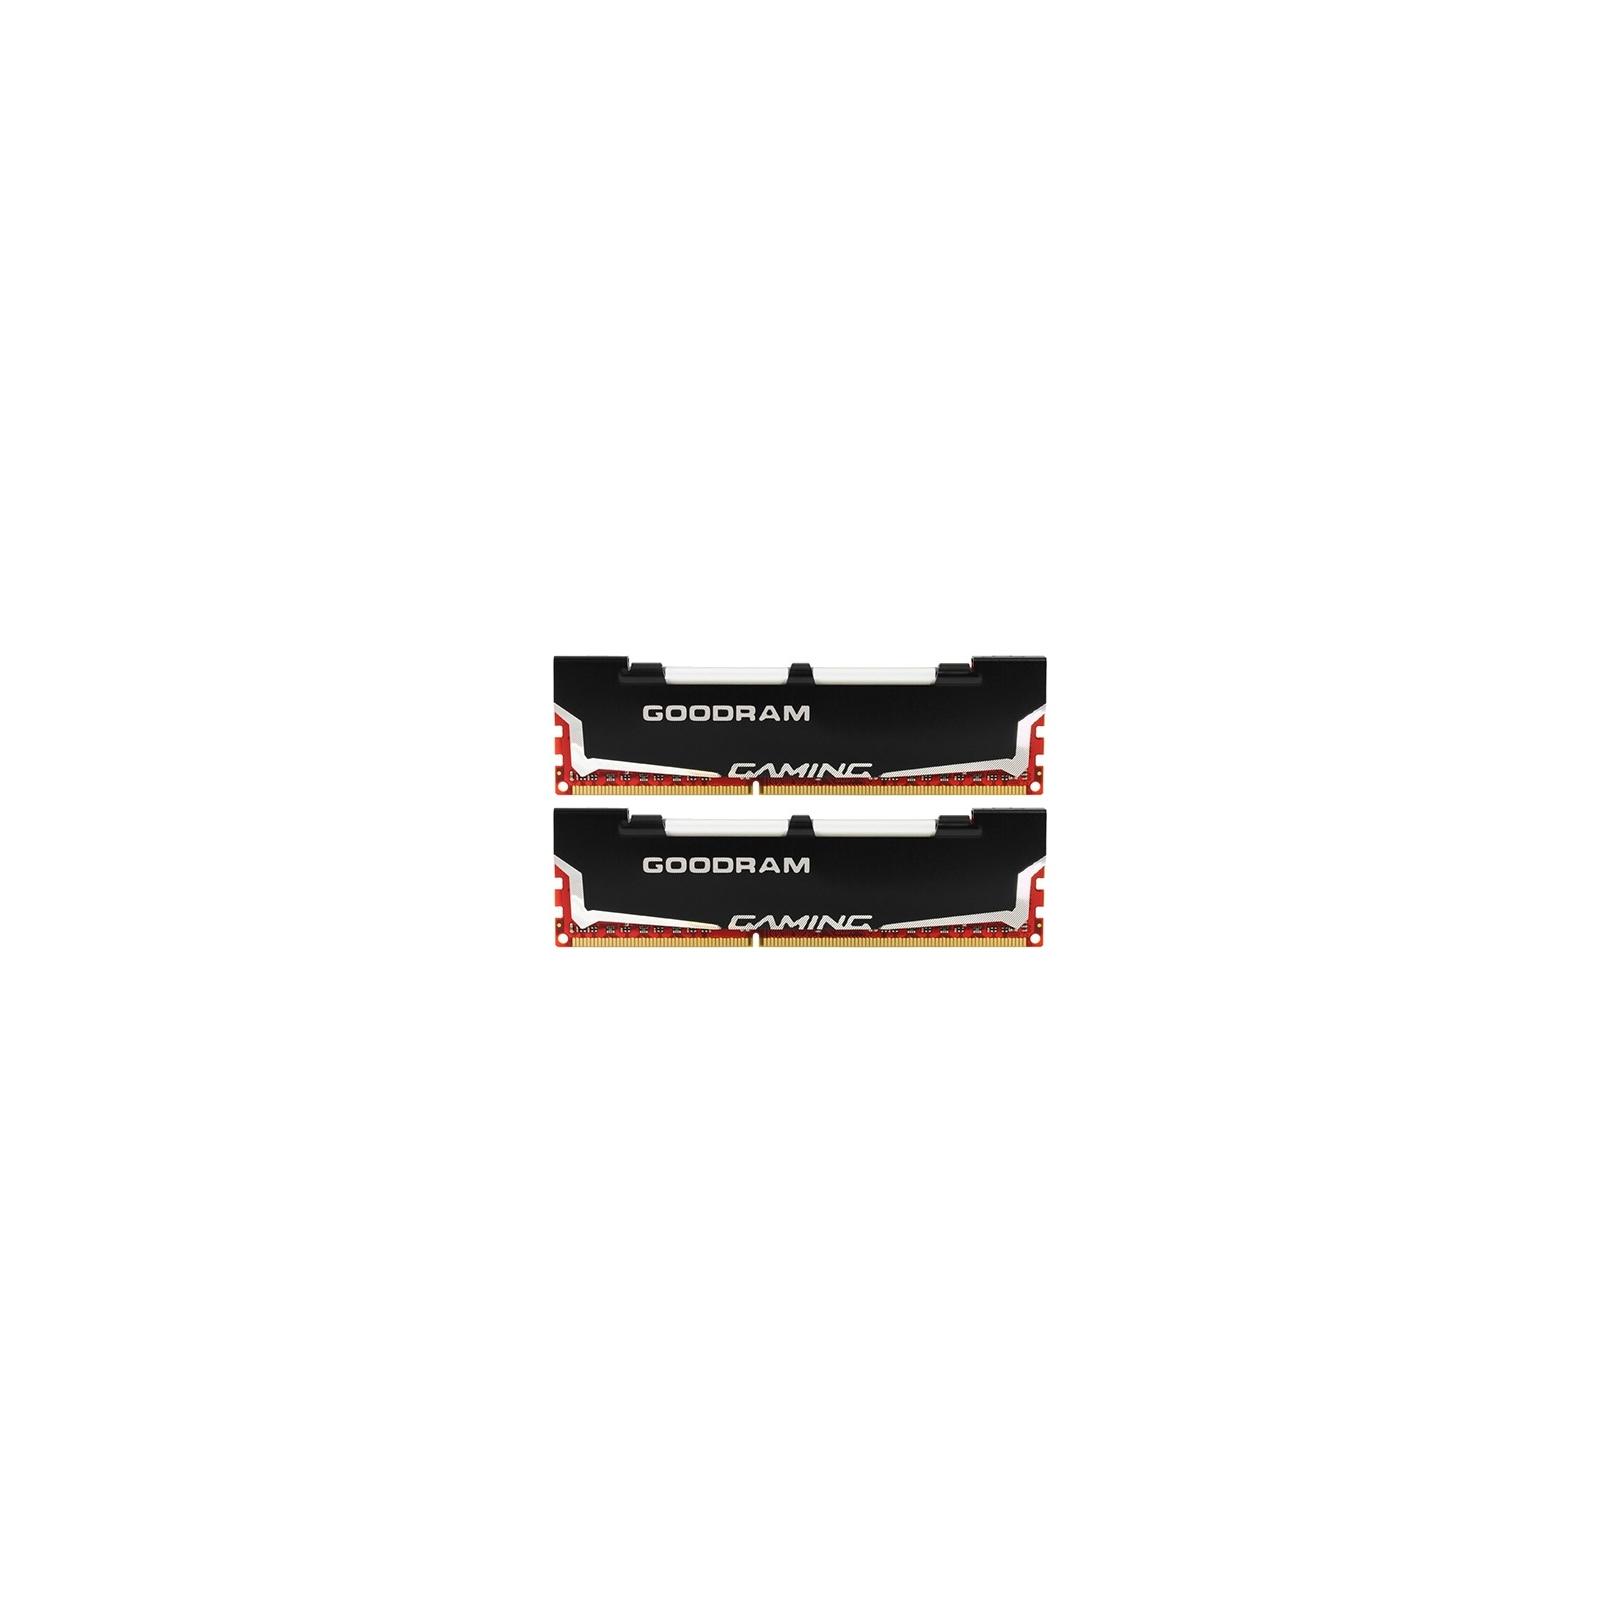 Модуль памяти для компьютера DDR3 16Gb (2x8GB) 1866 MHz Led Gaming GOODRAM (GL1866D364L10/16GDC)